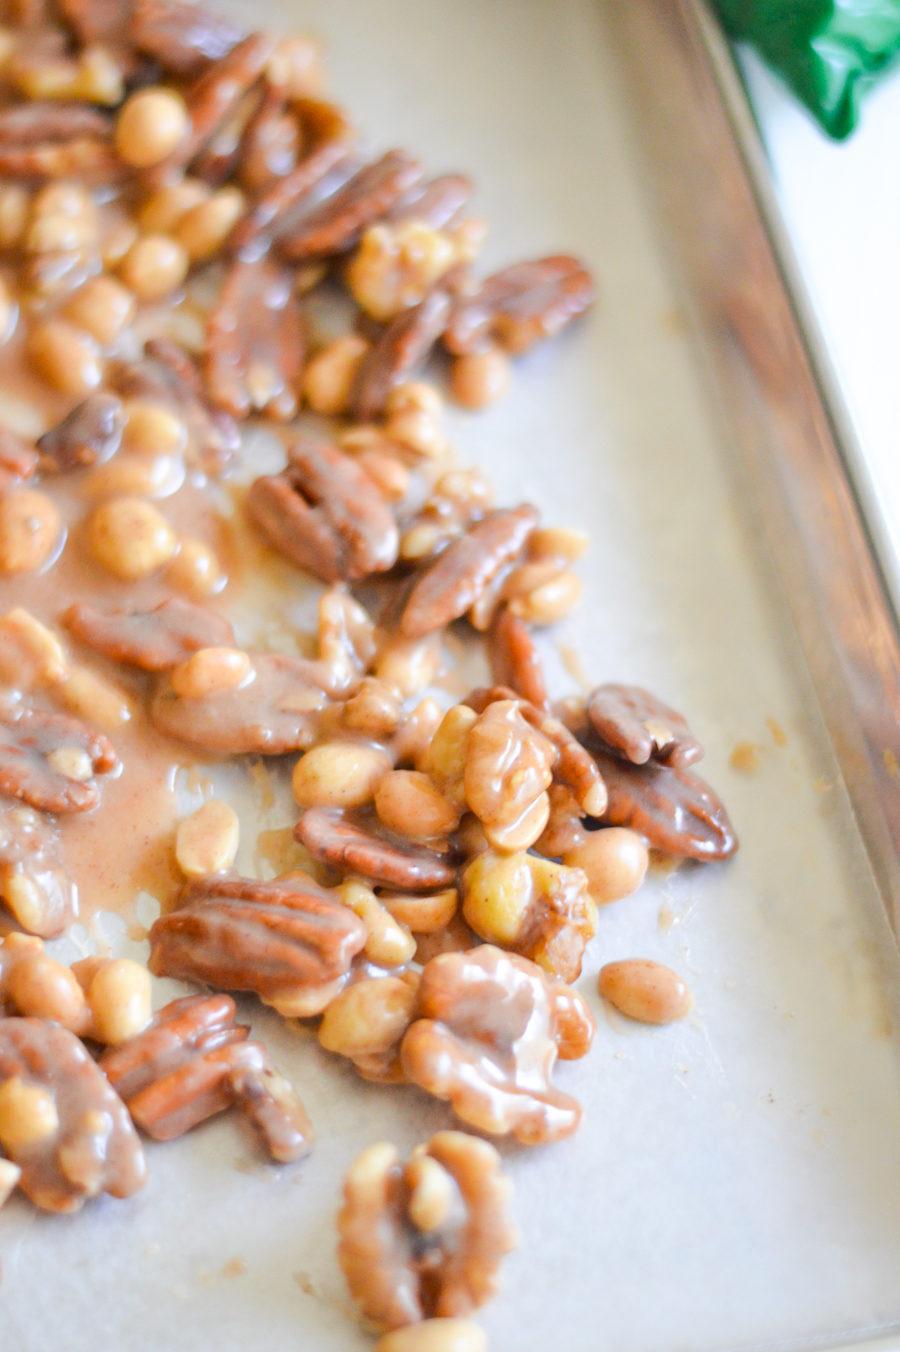 Sugared Mixed Nuts